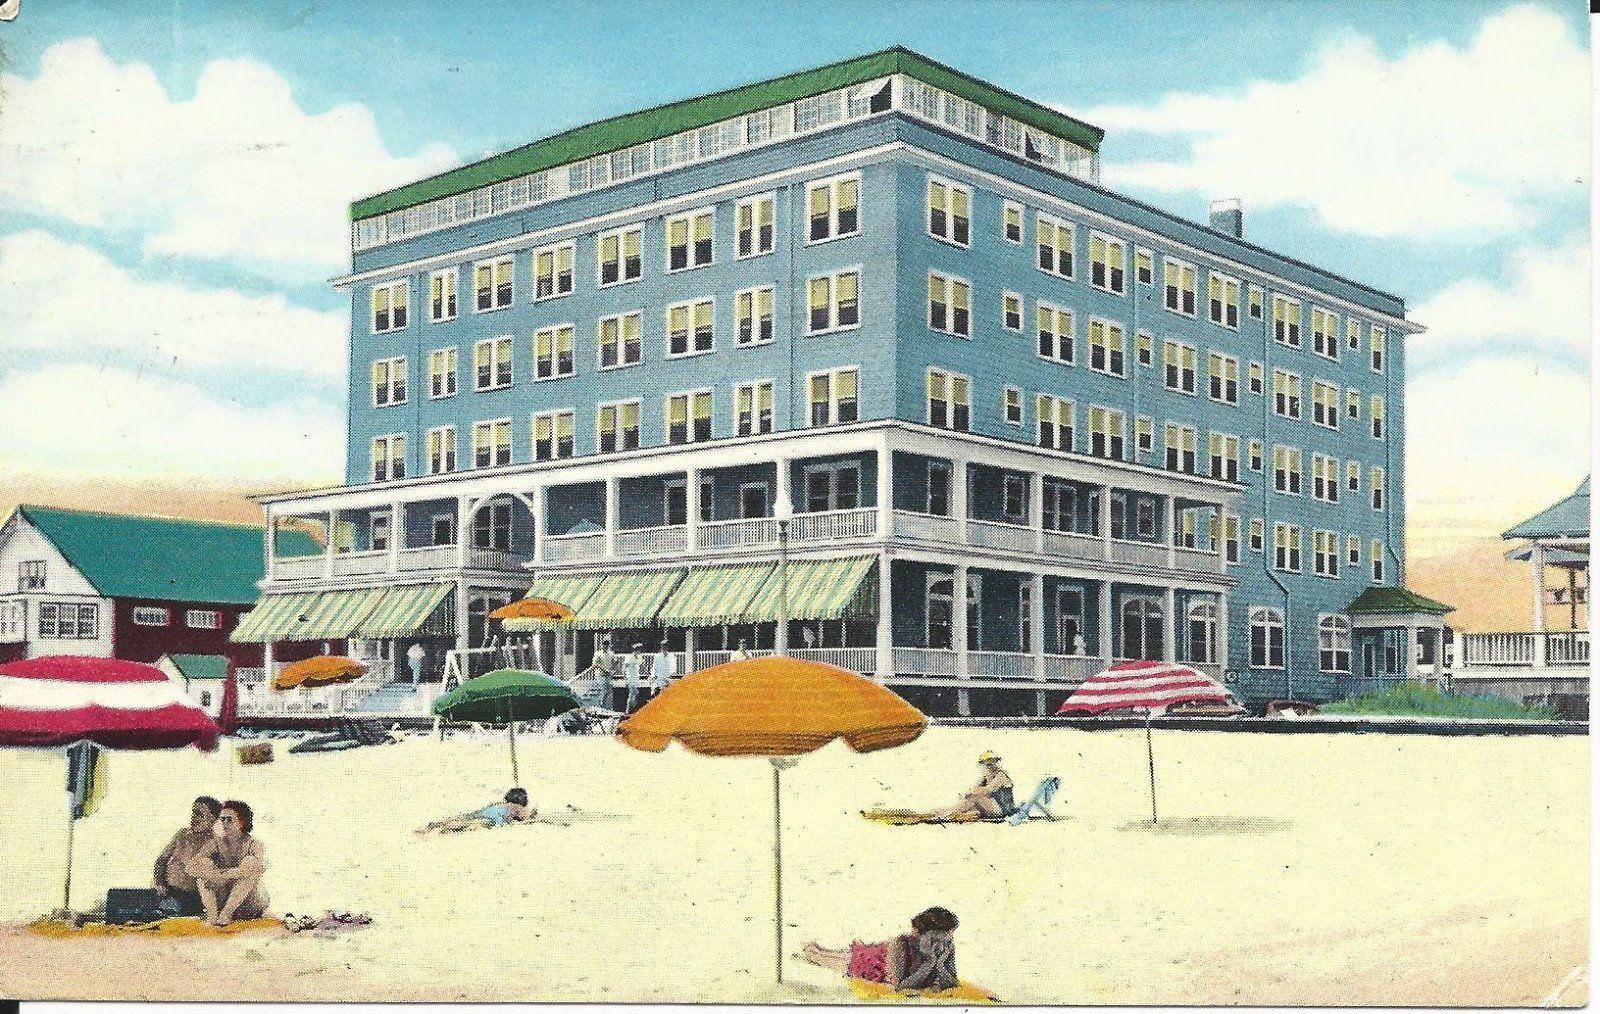 Old 1956 ocean city md george washington hotel boardwalk & 10th ...